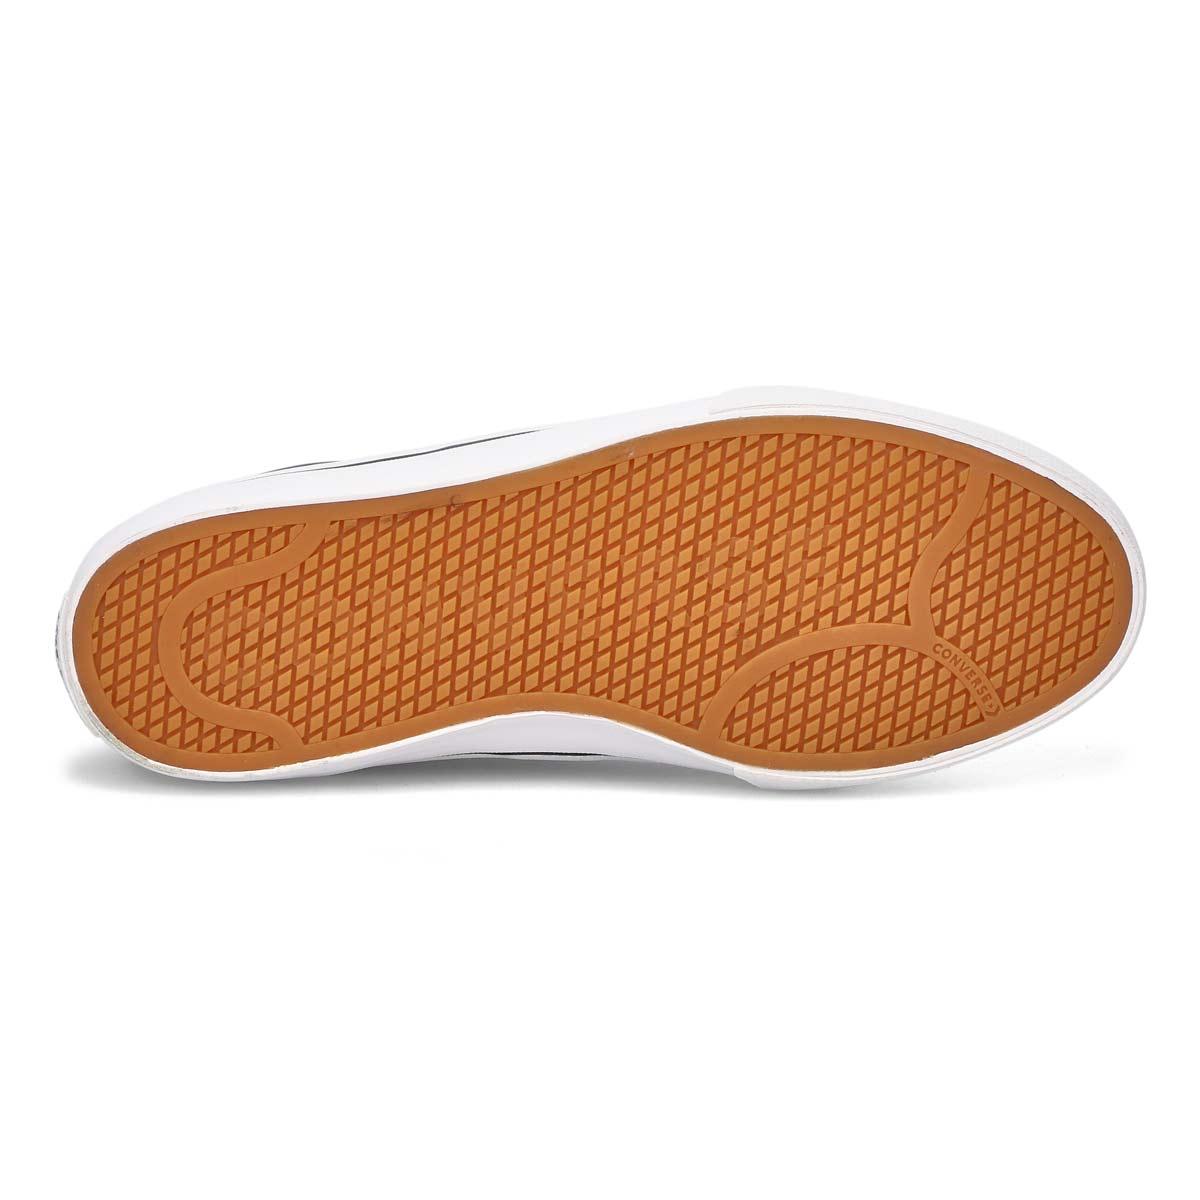 Men's EL Distrito 2.0 Sneaker - Black/White/Camo